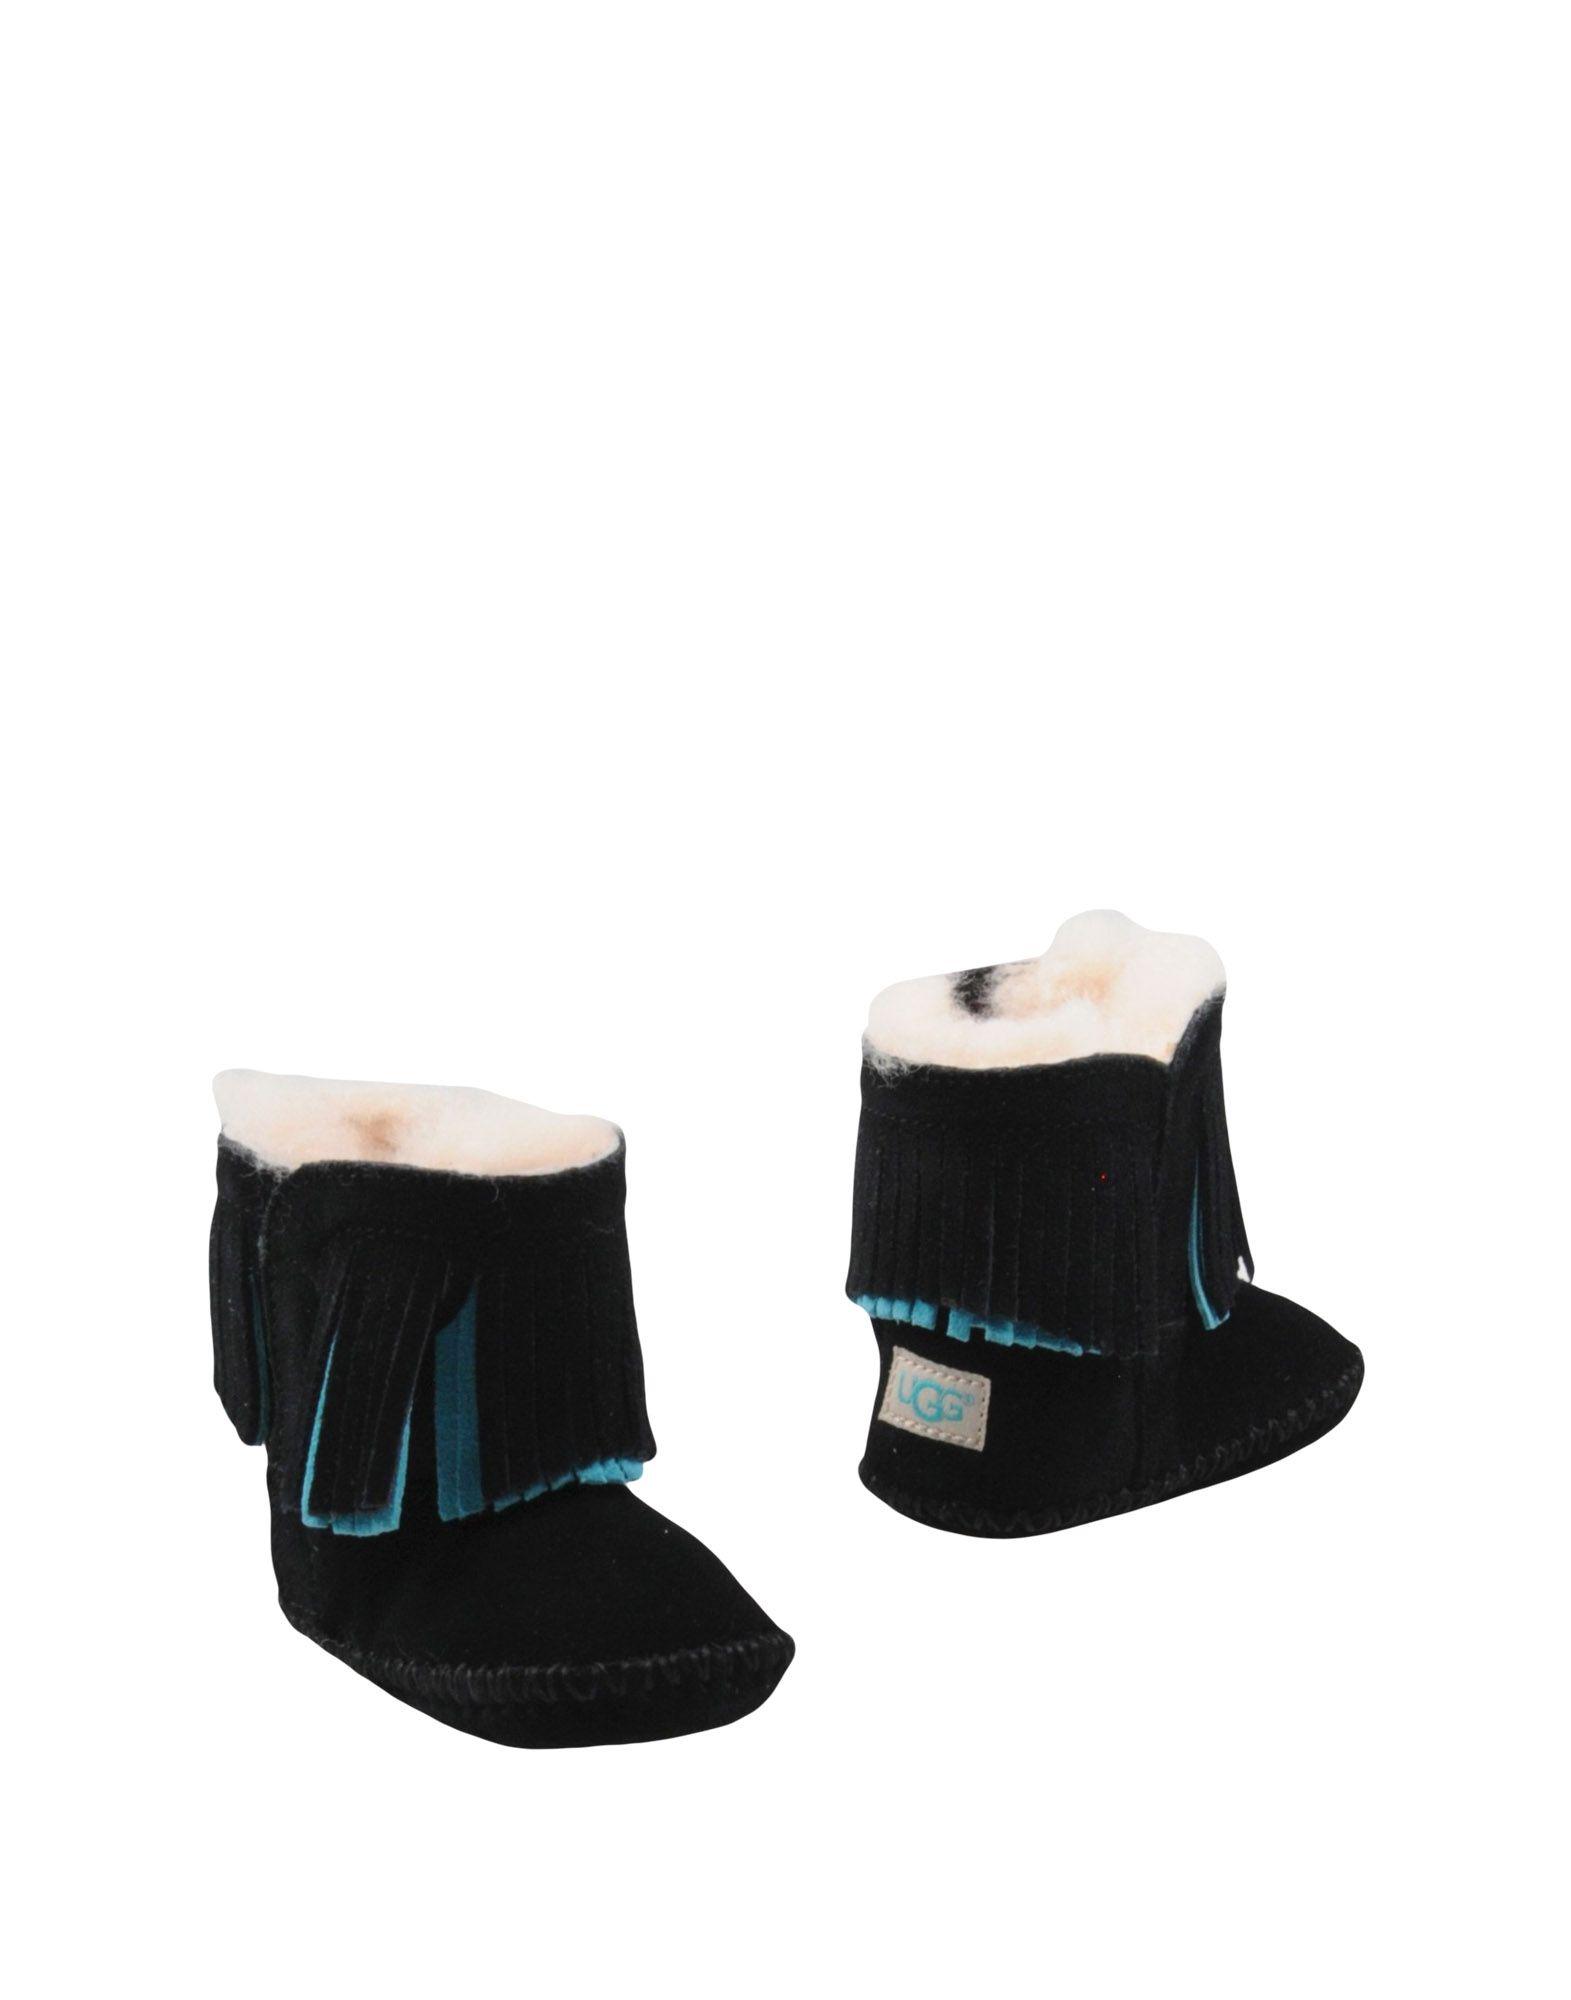 UGG AUSTRALIA Обувь для новорожденных